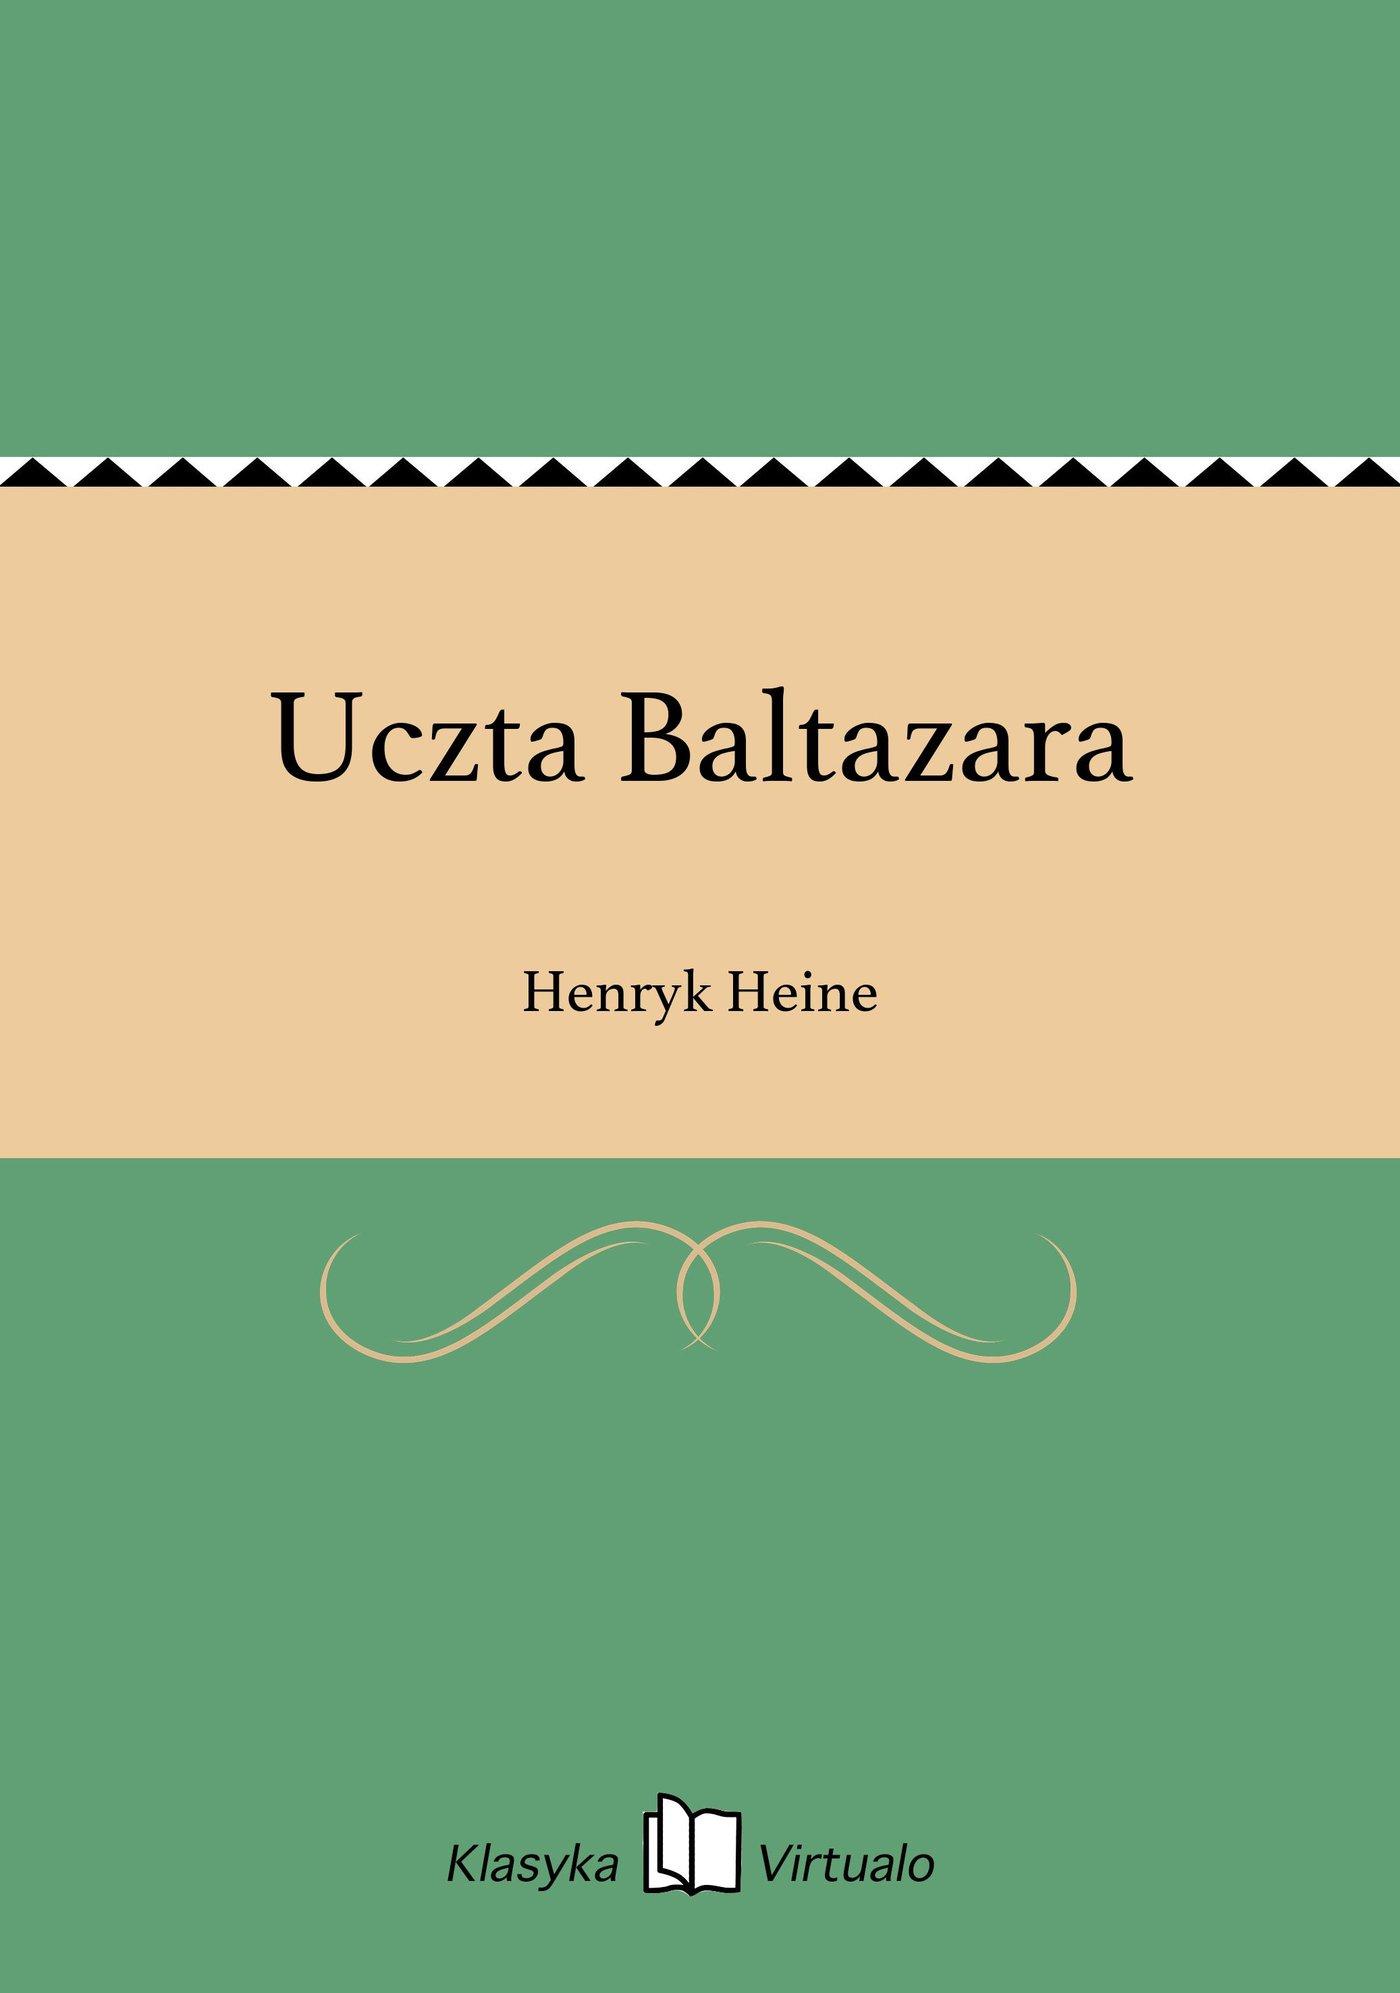 Uczta Baltazara - Ebook (Książka EPUB) do pobrania w formacie EPUB